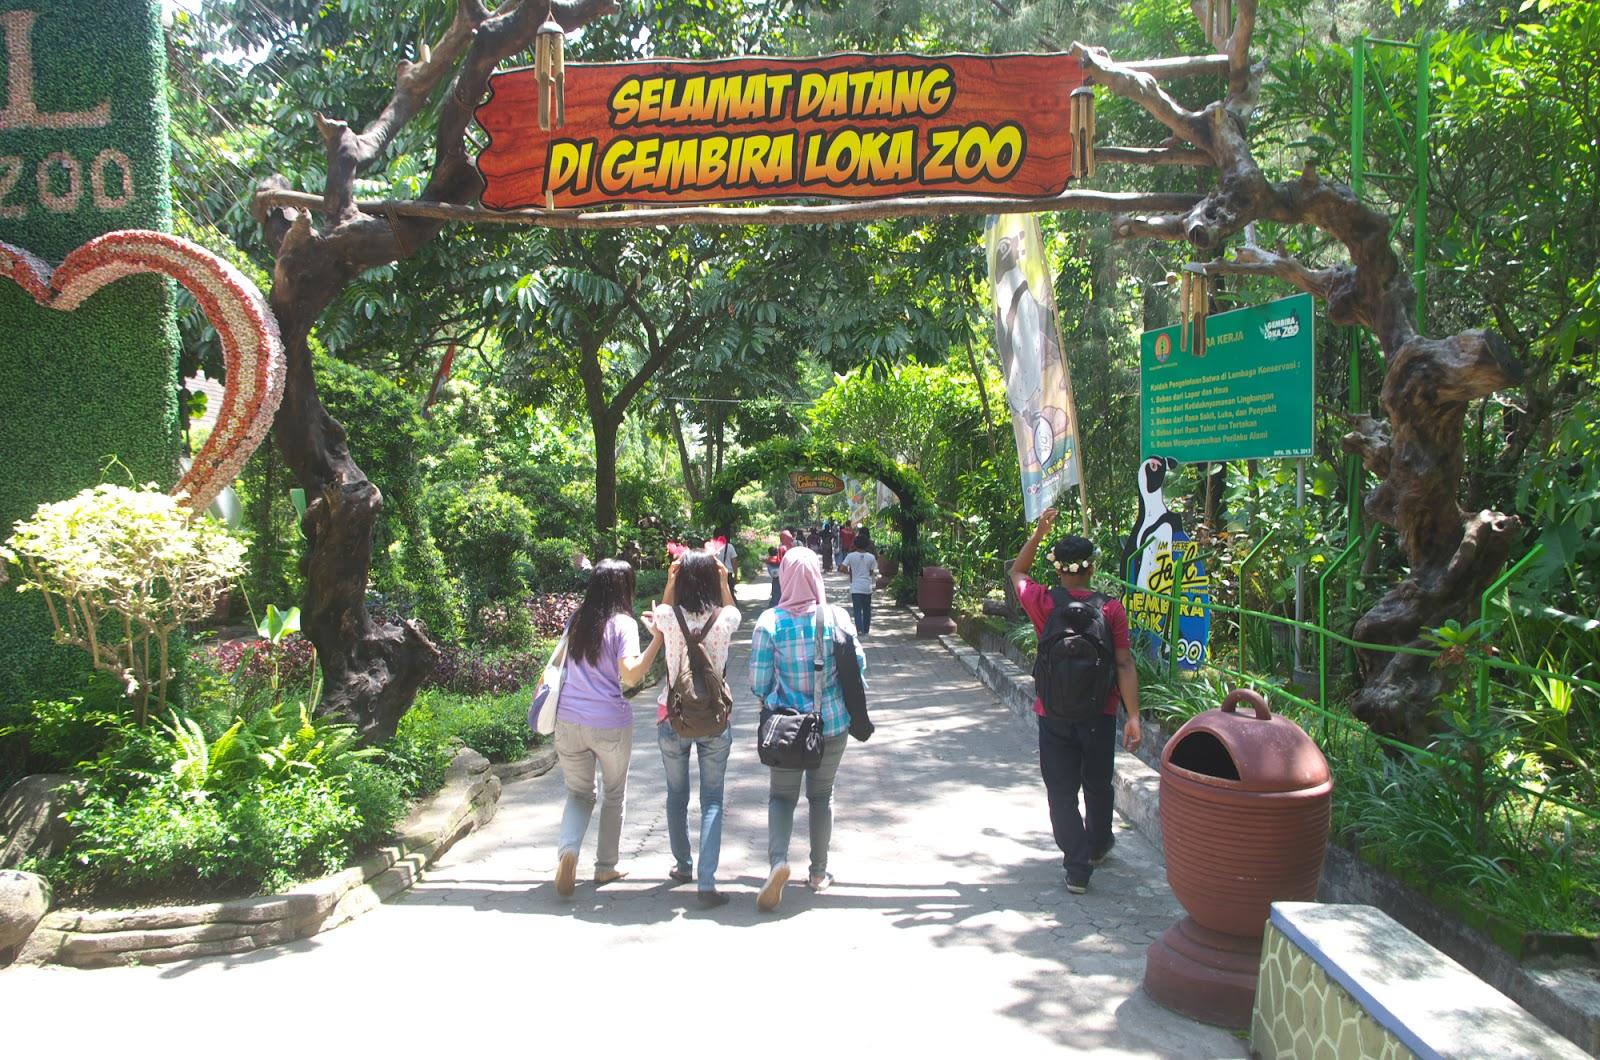 Memperkenalkan Satwa Anak Berkunjung Gembira Loka Zoo Bonbin Yogyakarta Kota